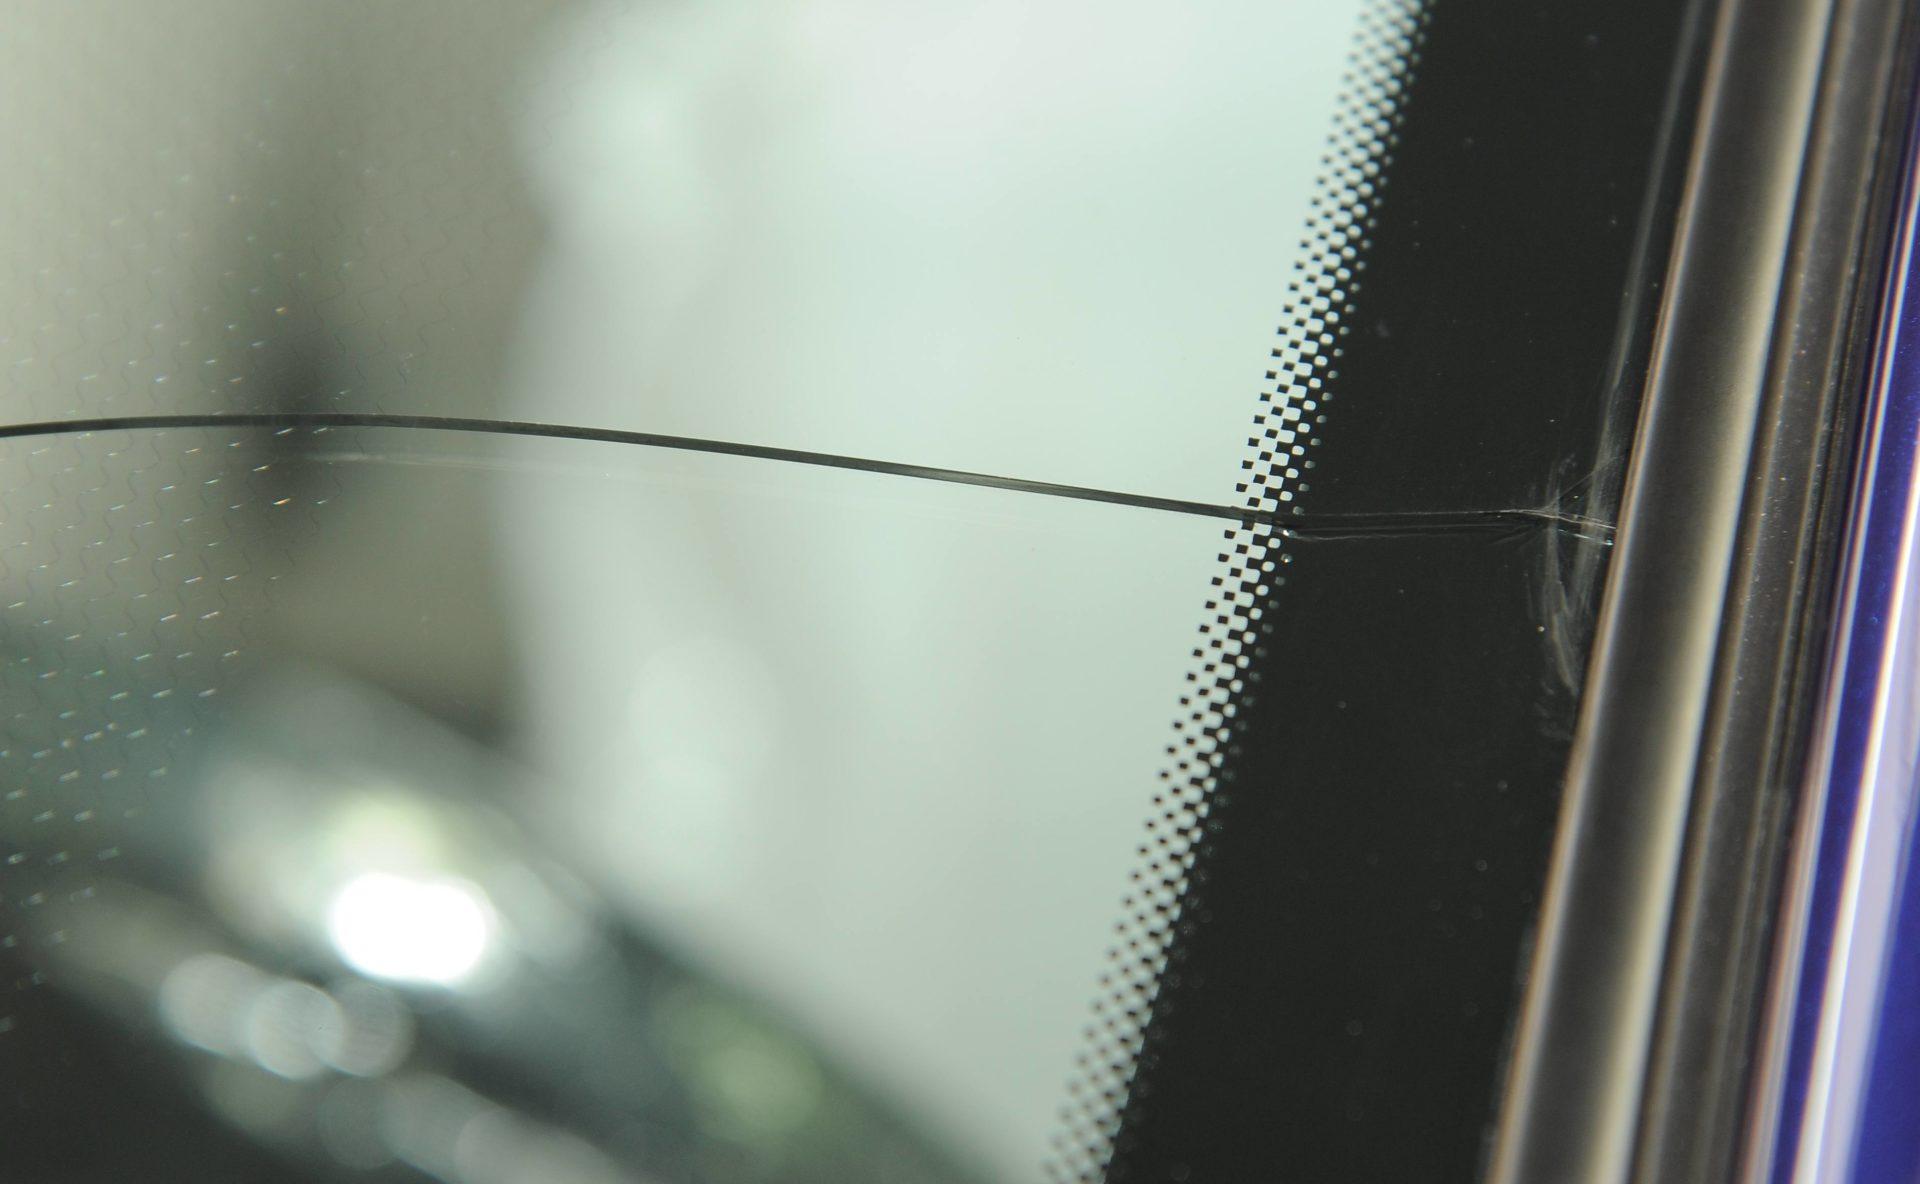 Zaawansowane Naprawa szyby samochodowej. Kiedy jest możliwa? Ile kosztuje? CR53